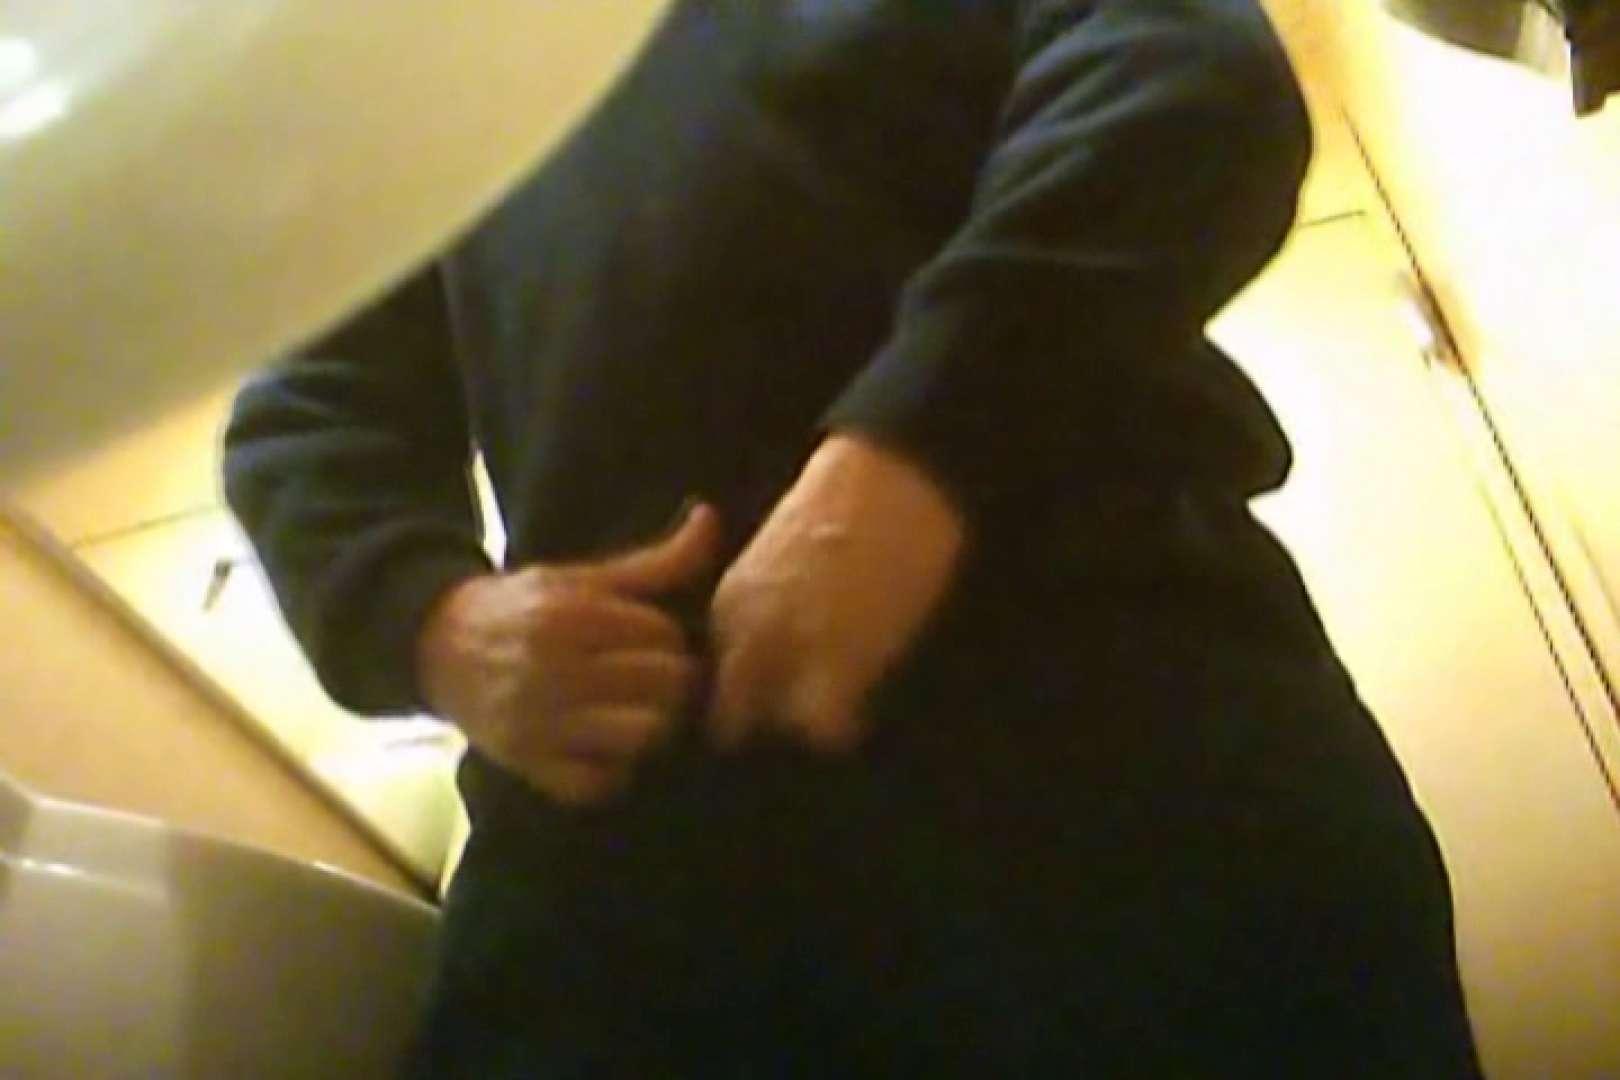 SEASON 3rd!掴み取りさんの洗面所覗き!in新幹線!VOL.03 ボーイズ私服 | スーツボーイズ  83pic 10